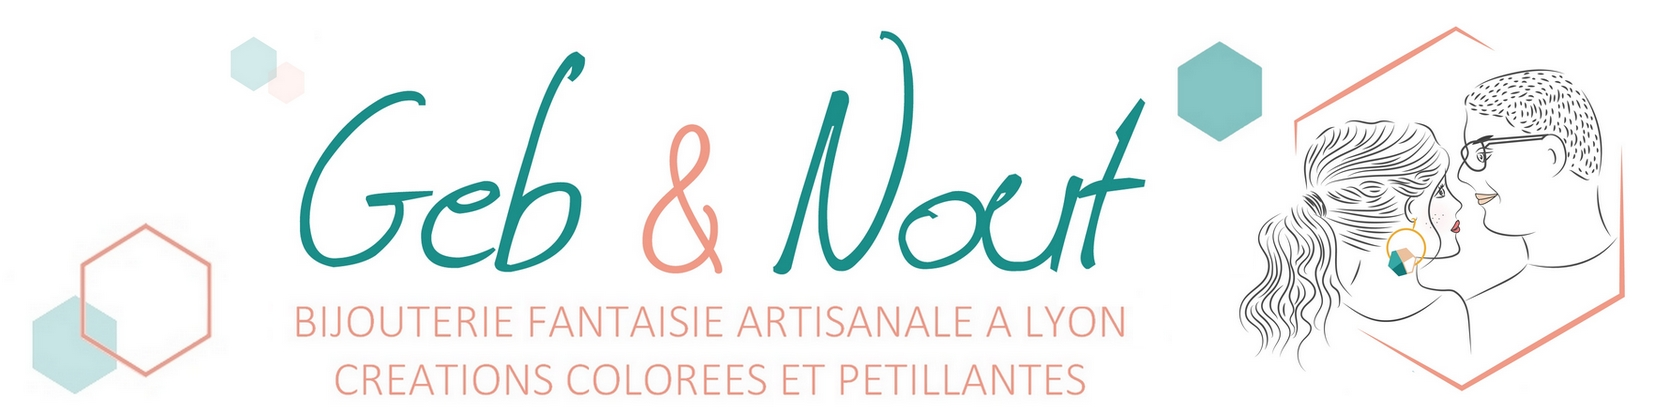 Geb&Nout-Bijoux fantaisie lyon mode création